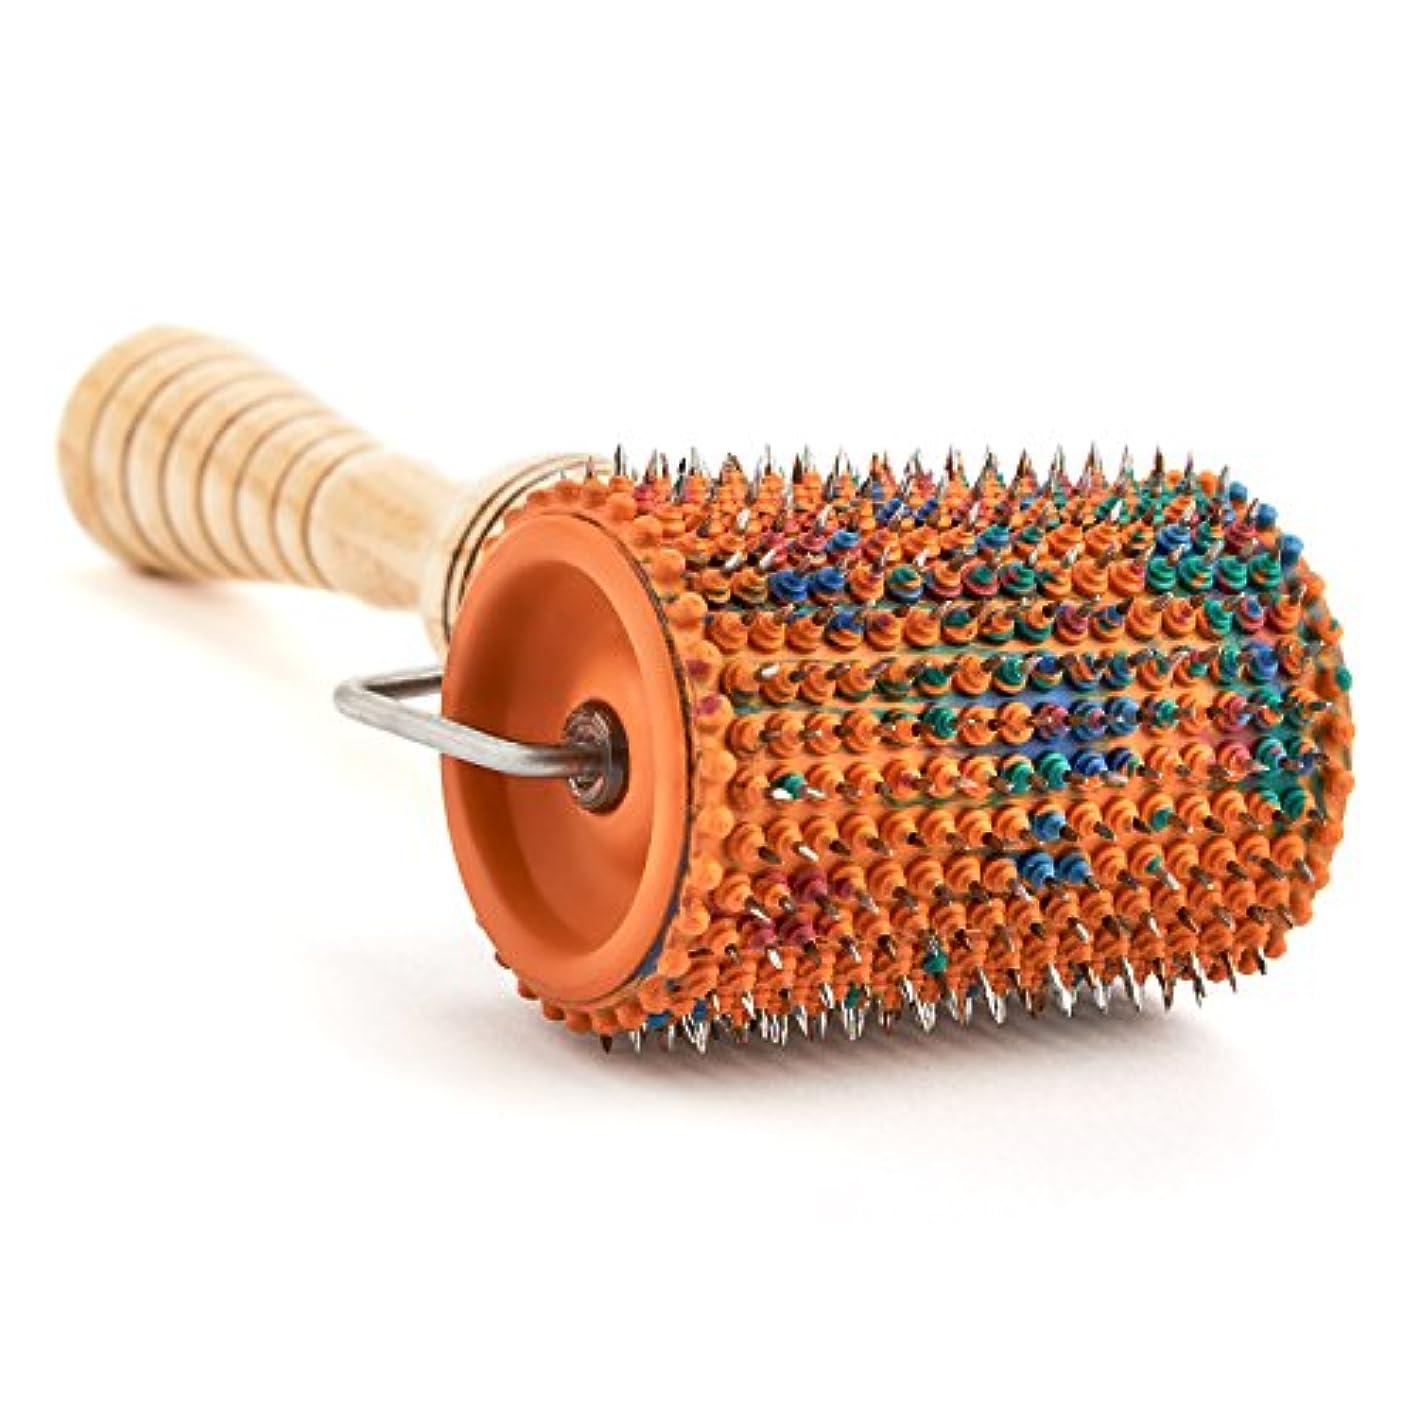 インサート頼る猛烈なAcupuncture for Body Massage - Acupressure Applicator Lyapko Roller UNIVERSAL-M (with rubber bushings) by Lyapko